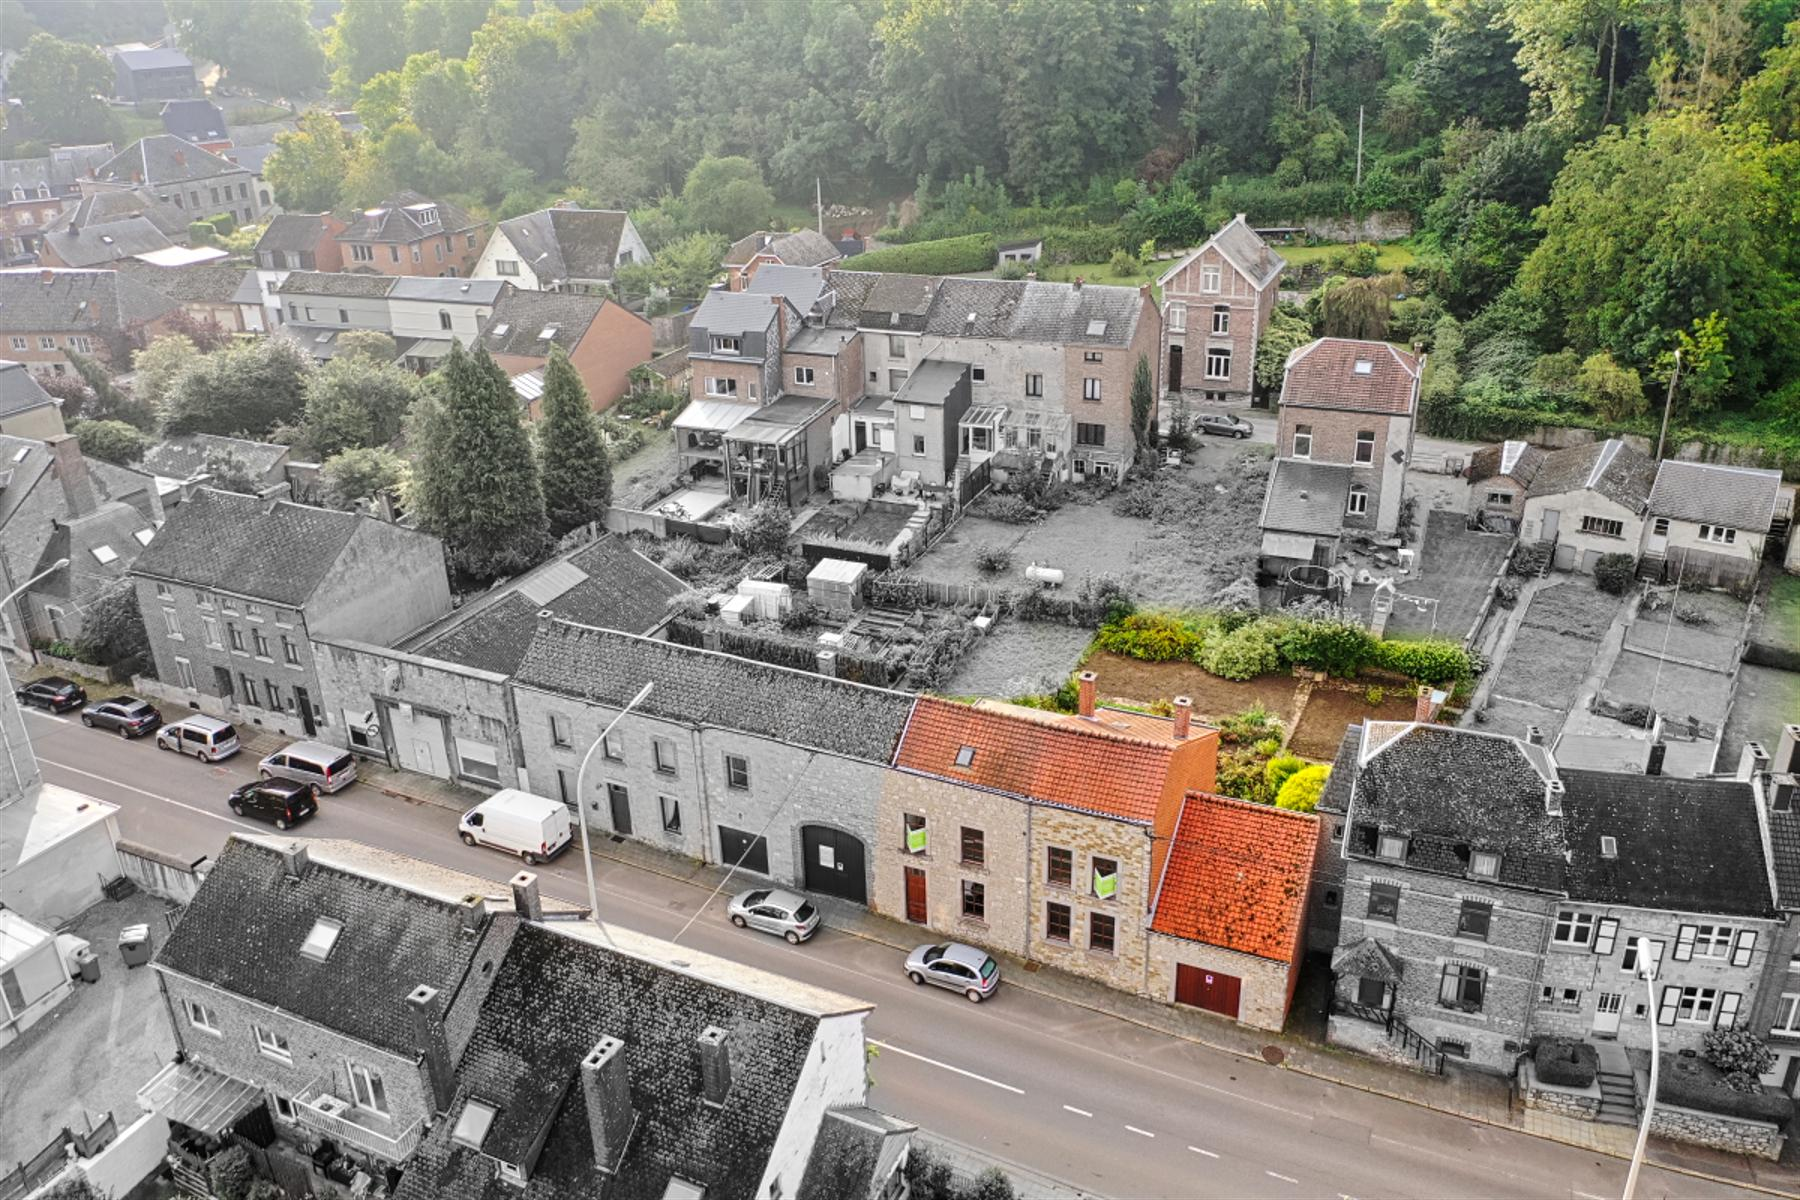 Huis - Rochefort - #4517821-0